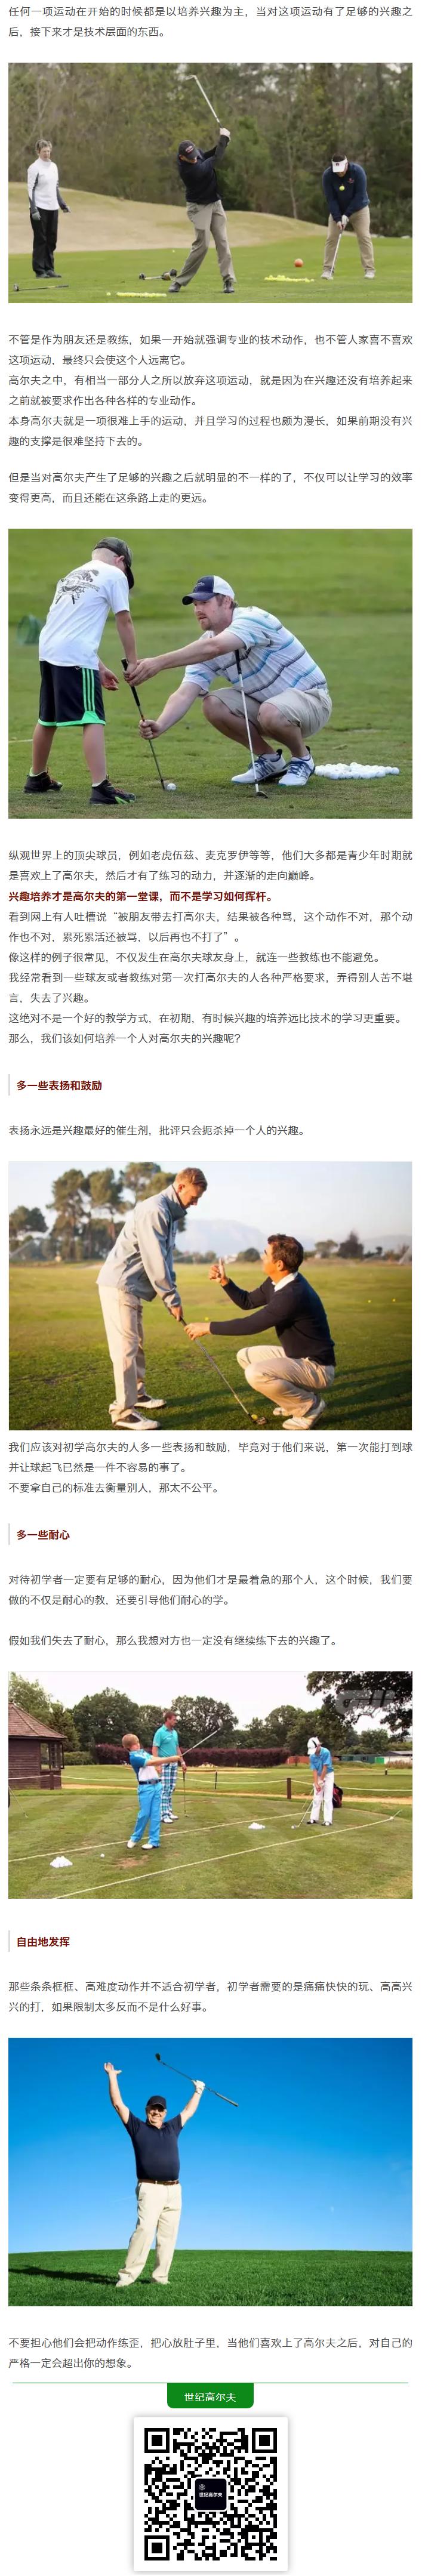 初学高尔夫,兴趣为主,技术为辅.png